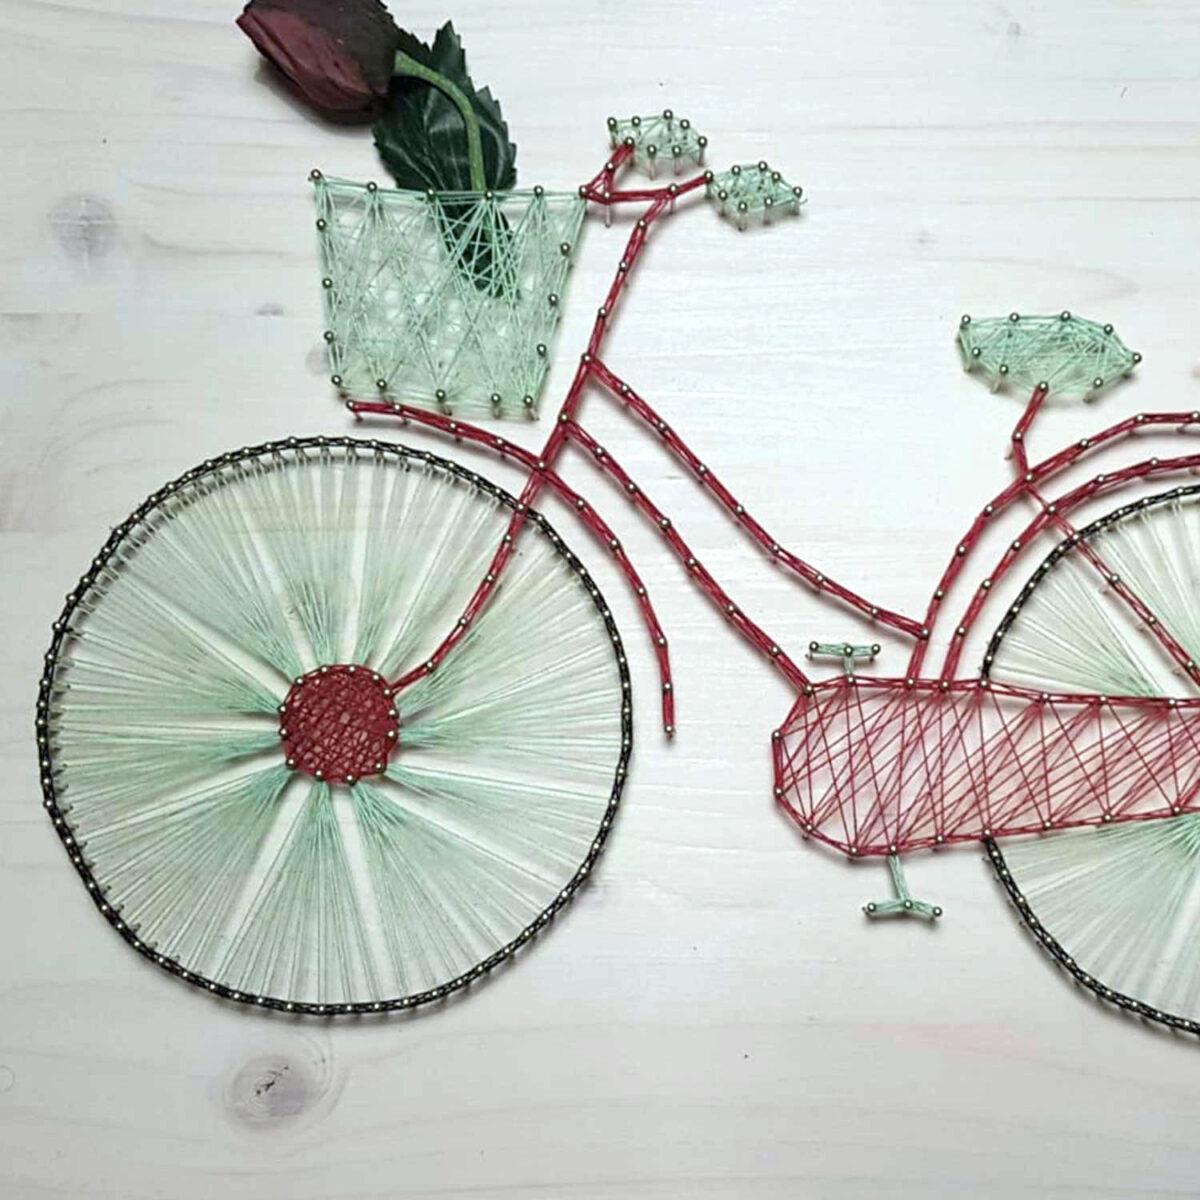 fadenbild_0136_Fahrrad_3